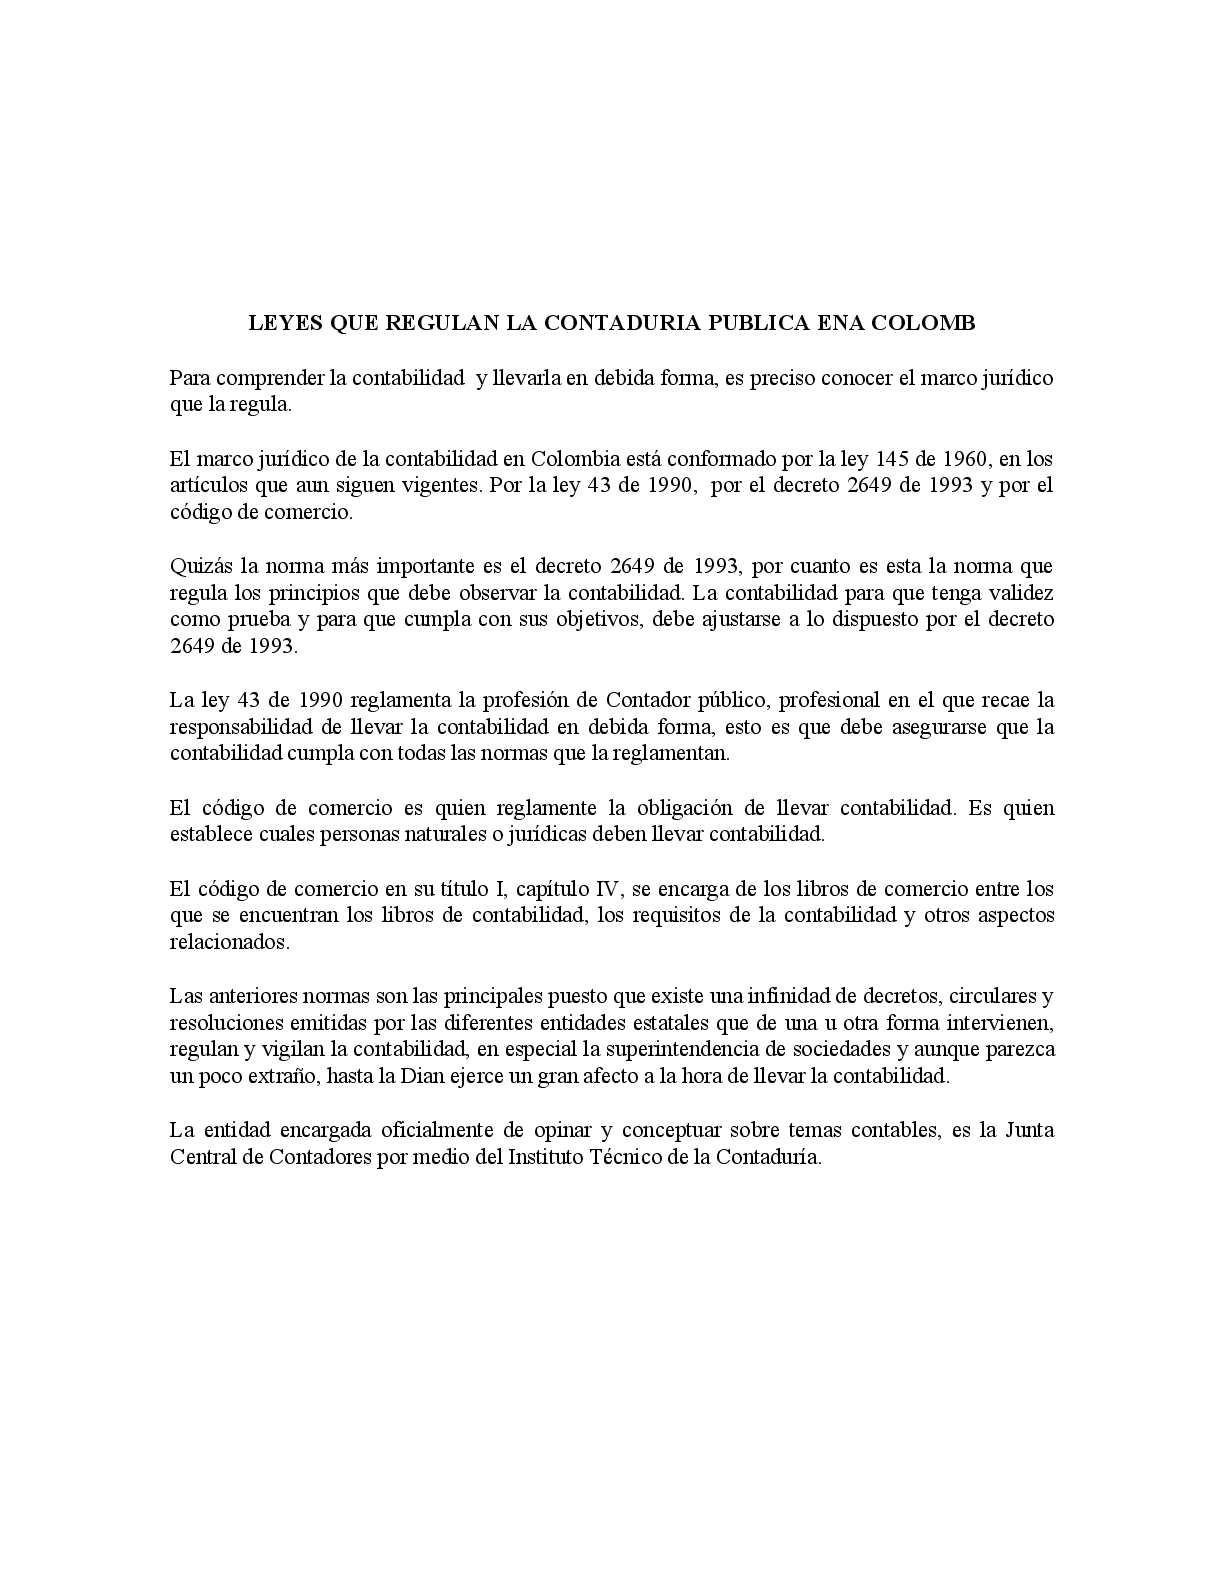 Calaméo - LEYES QUE REGULAN LA CONTADURIA PUBLICA EN COLOMBIA